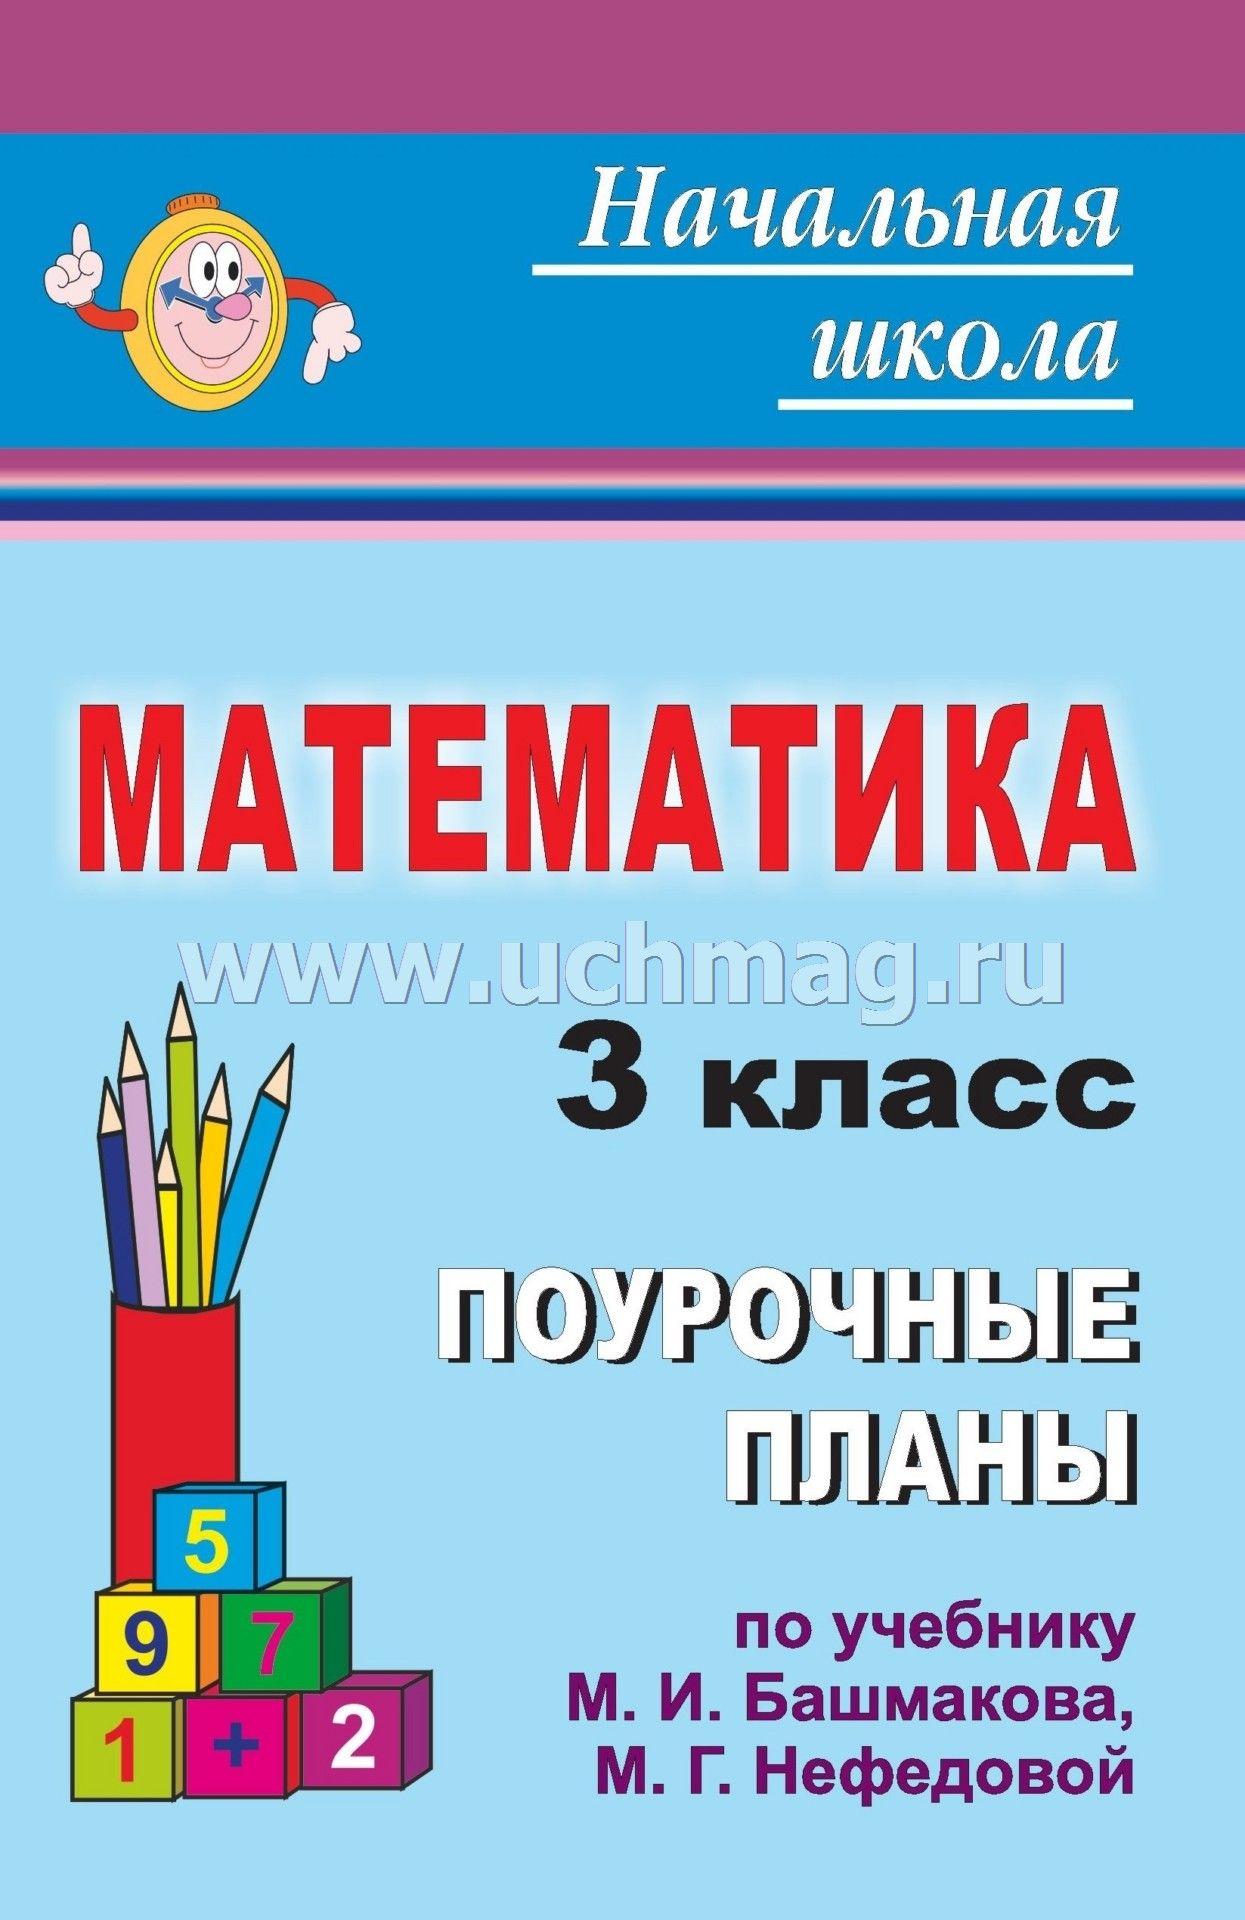 Методические разработки внеклассных мероприятий по математике 3кл